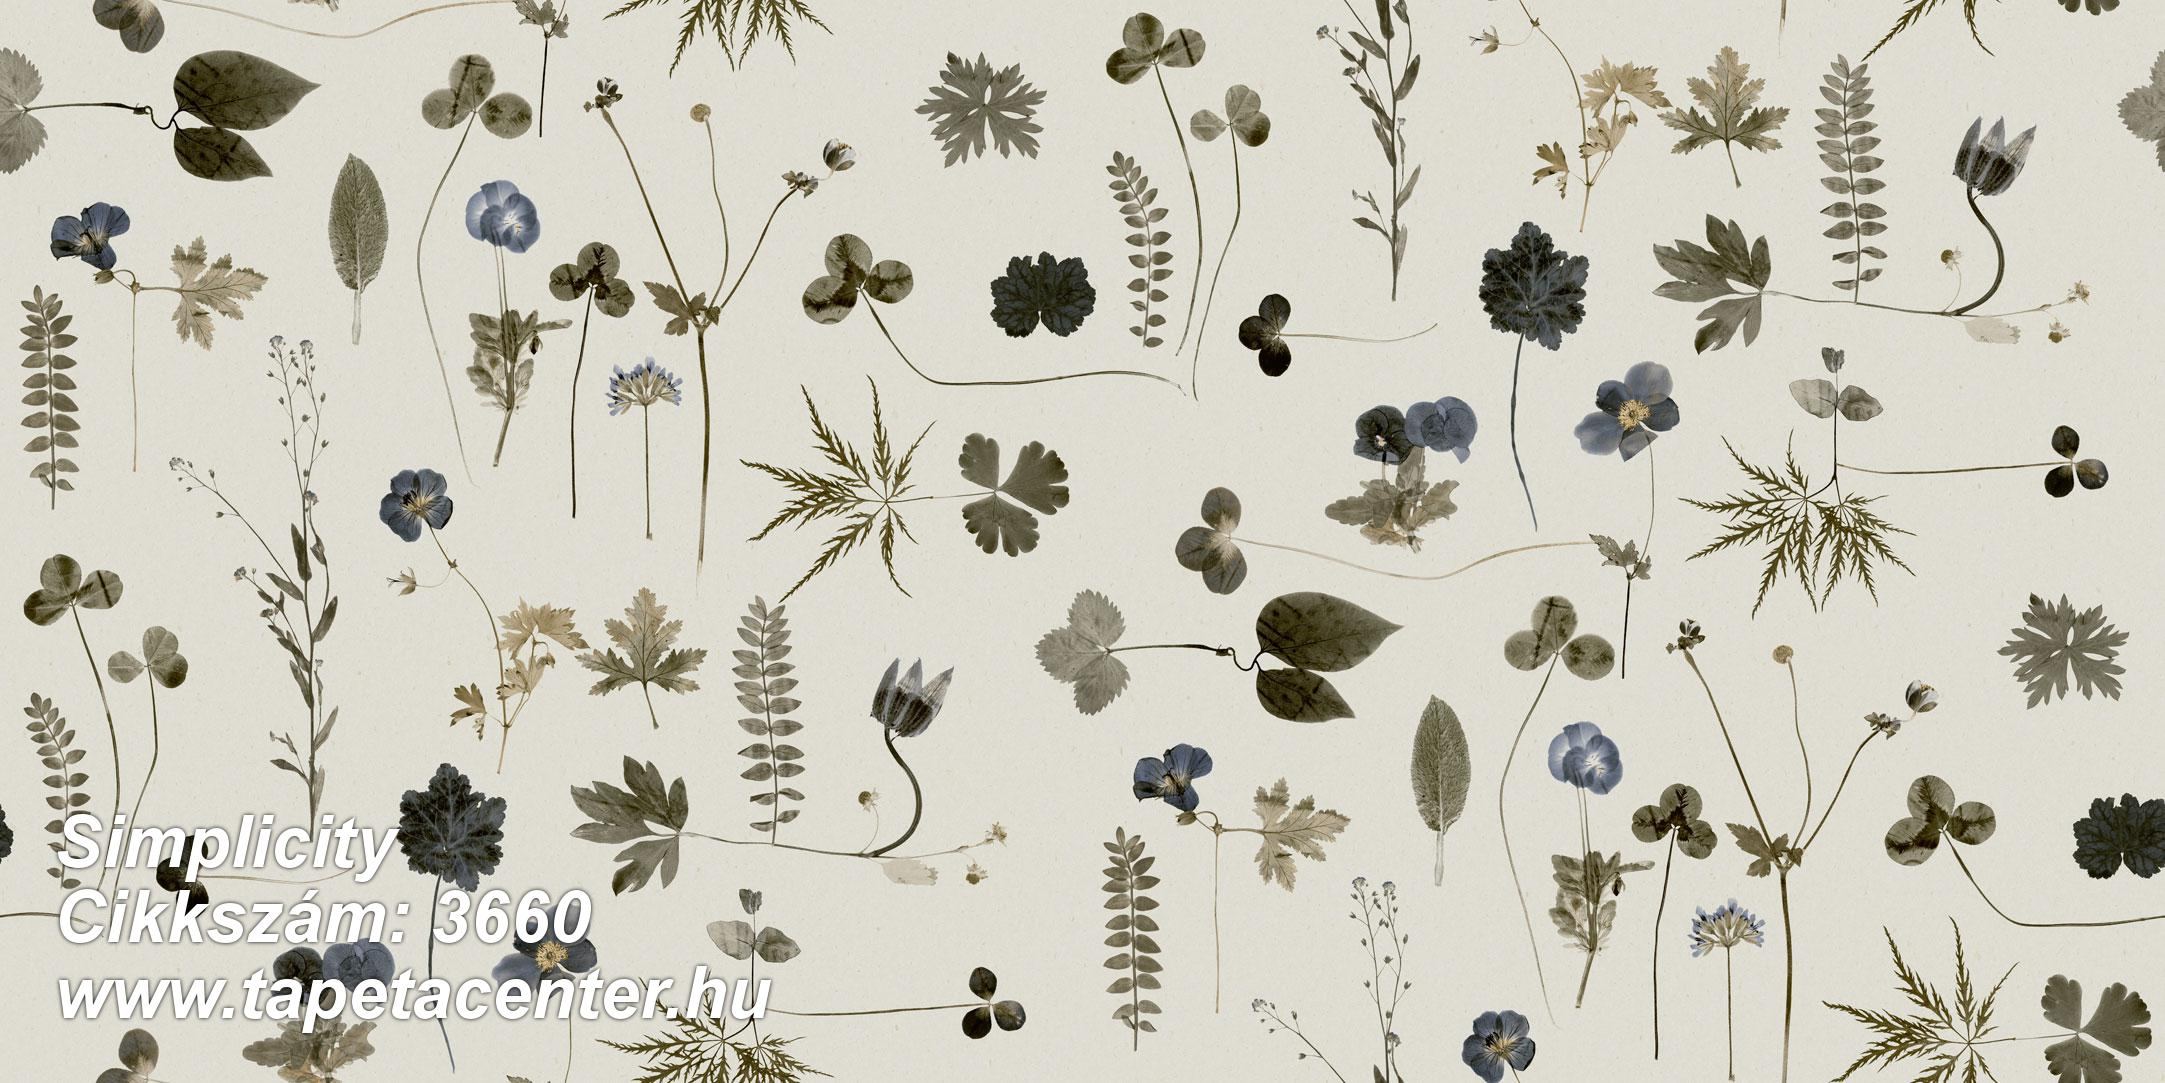 Természeti mintás,virágmintás,barna,bézs-drapp,kék,zöld,lemosható,vlies tapéta